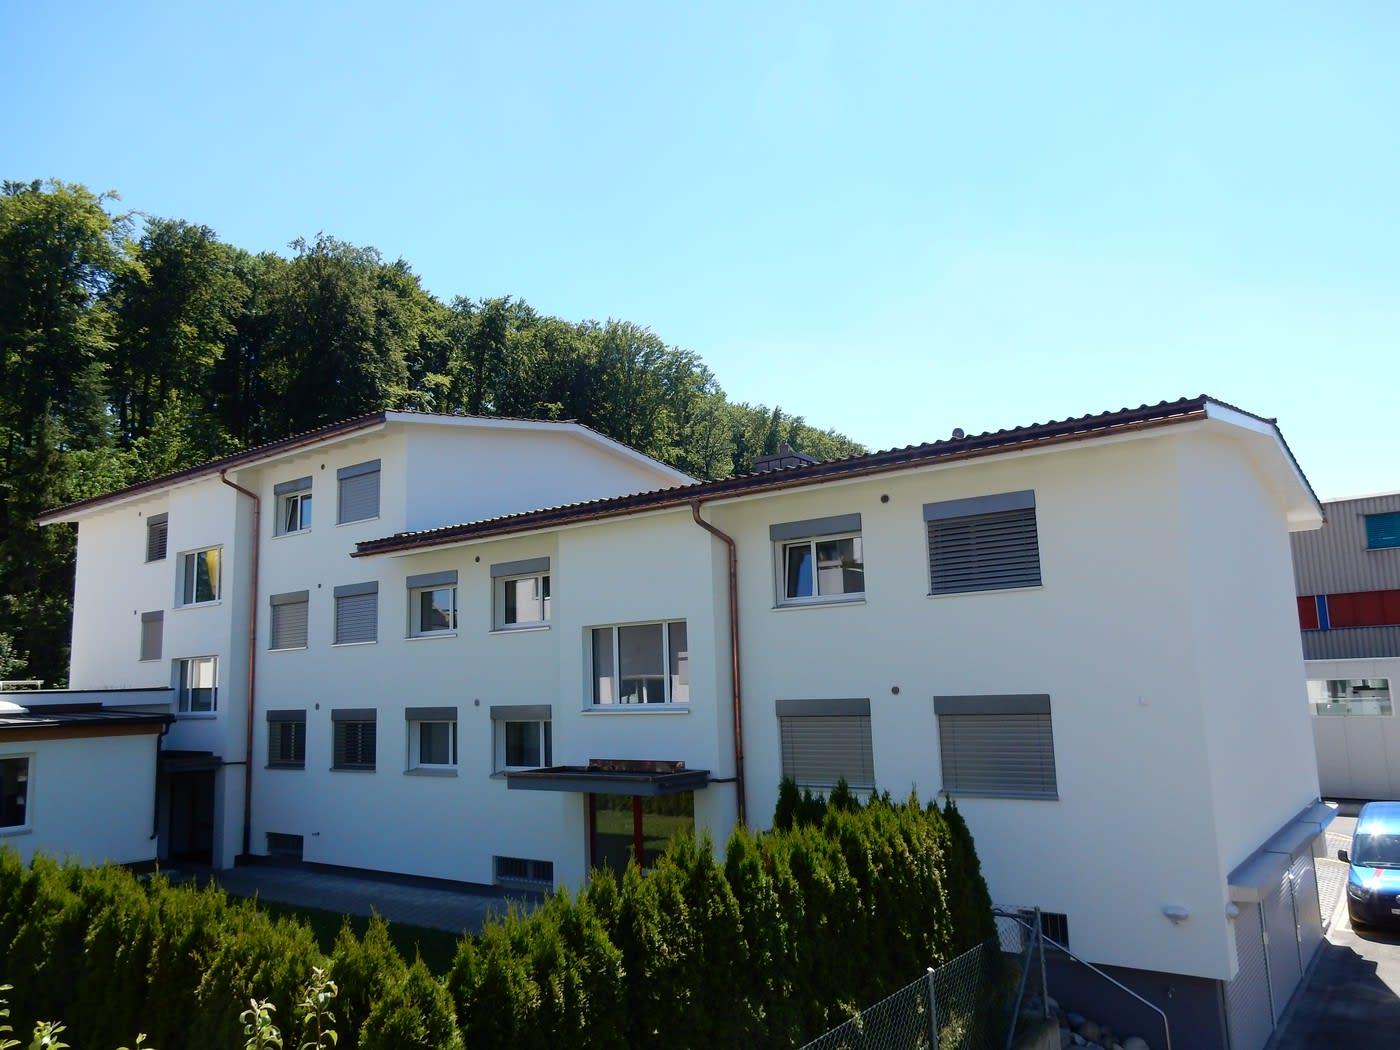 Alte Winterthurerstrasse 15